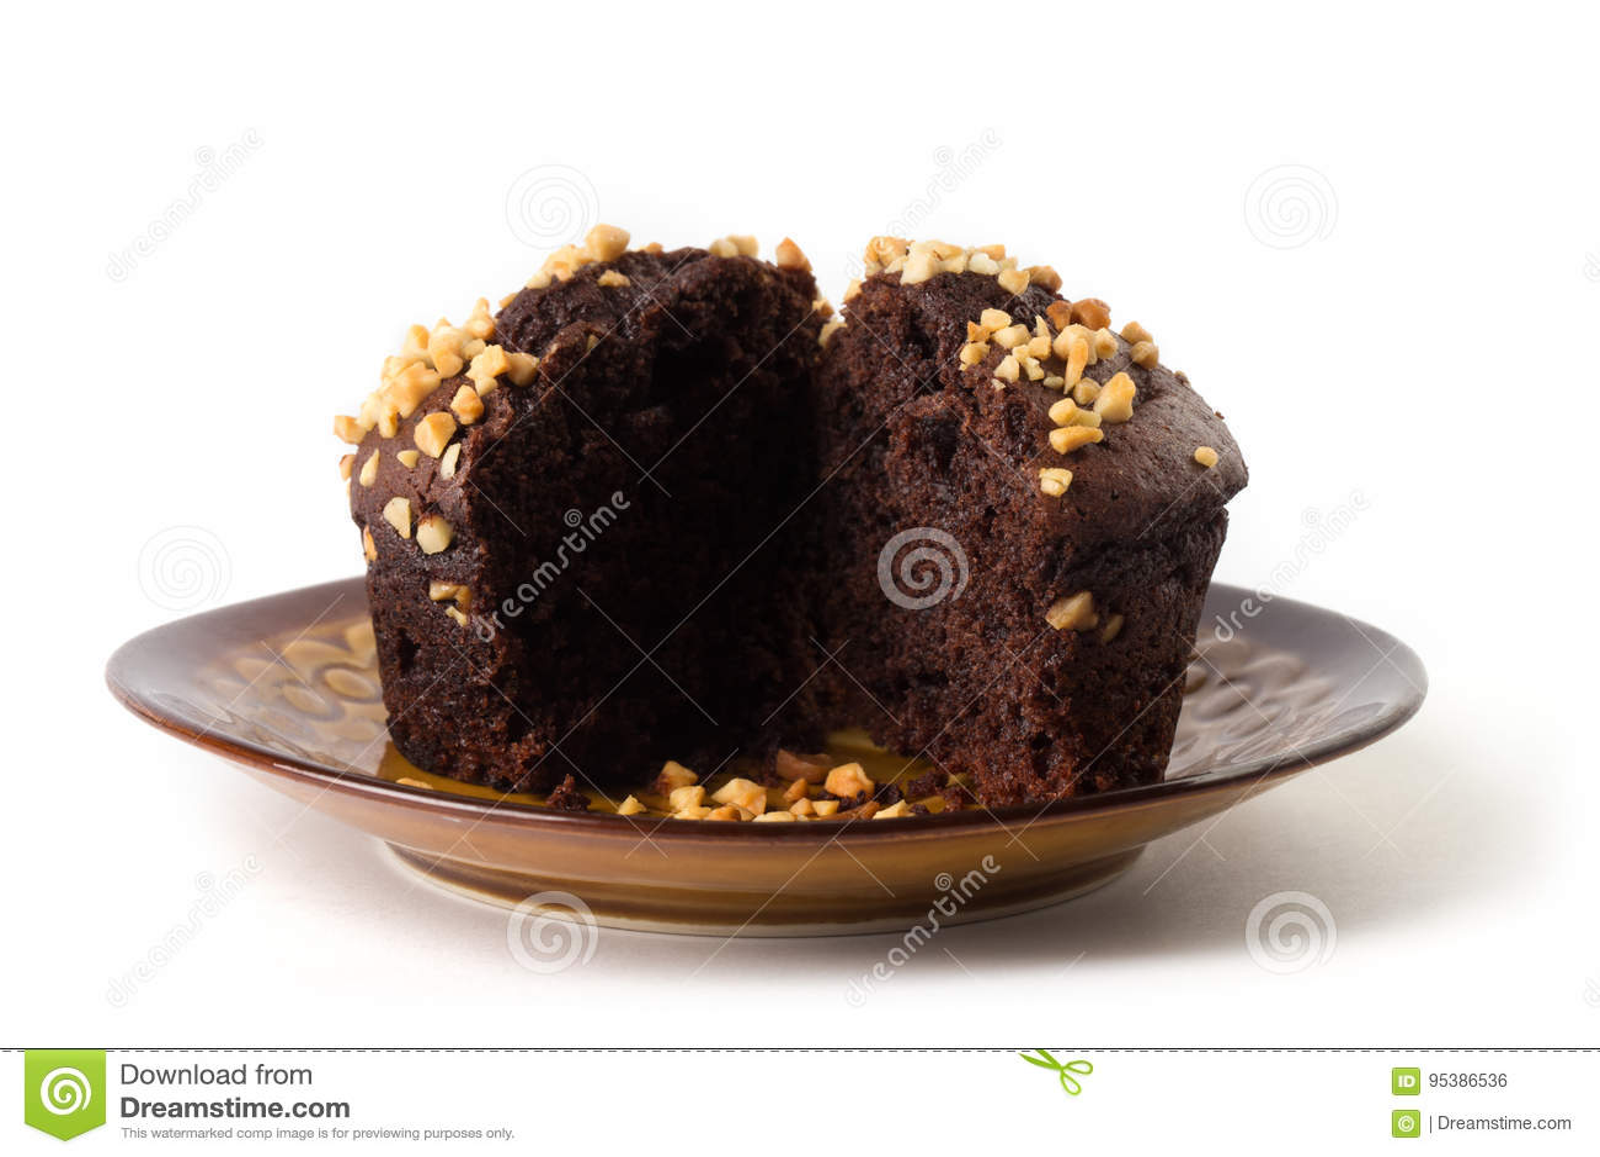 Mollete del chocolate en una placa marrón, aislada en el fondo blanco